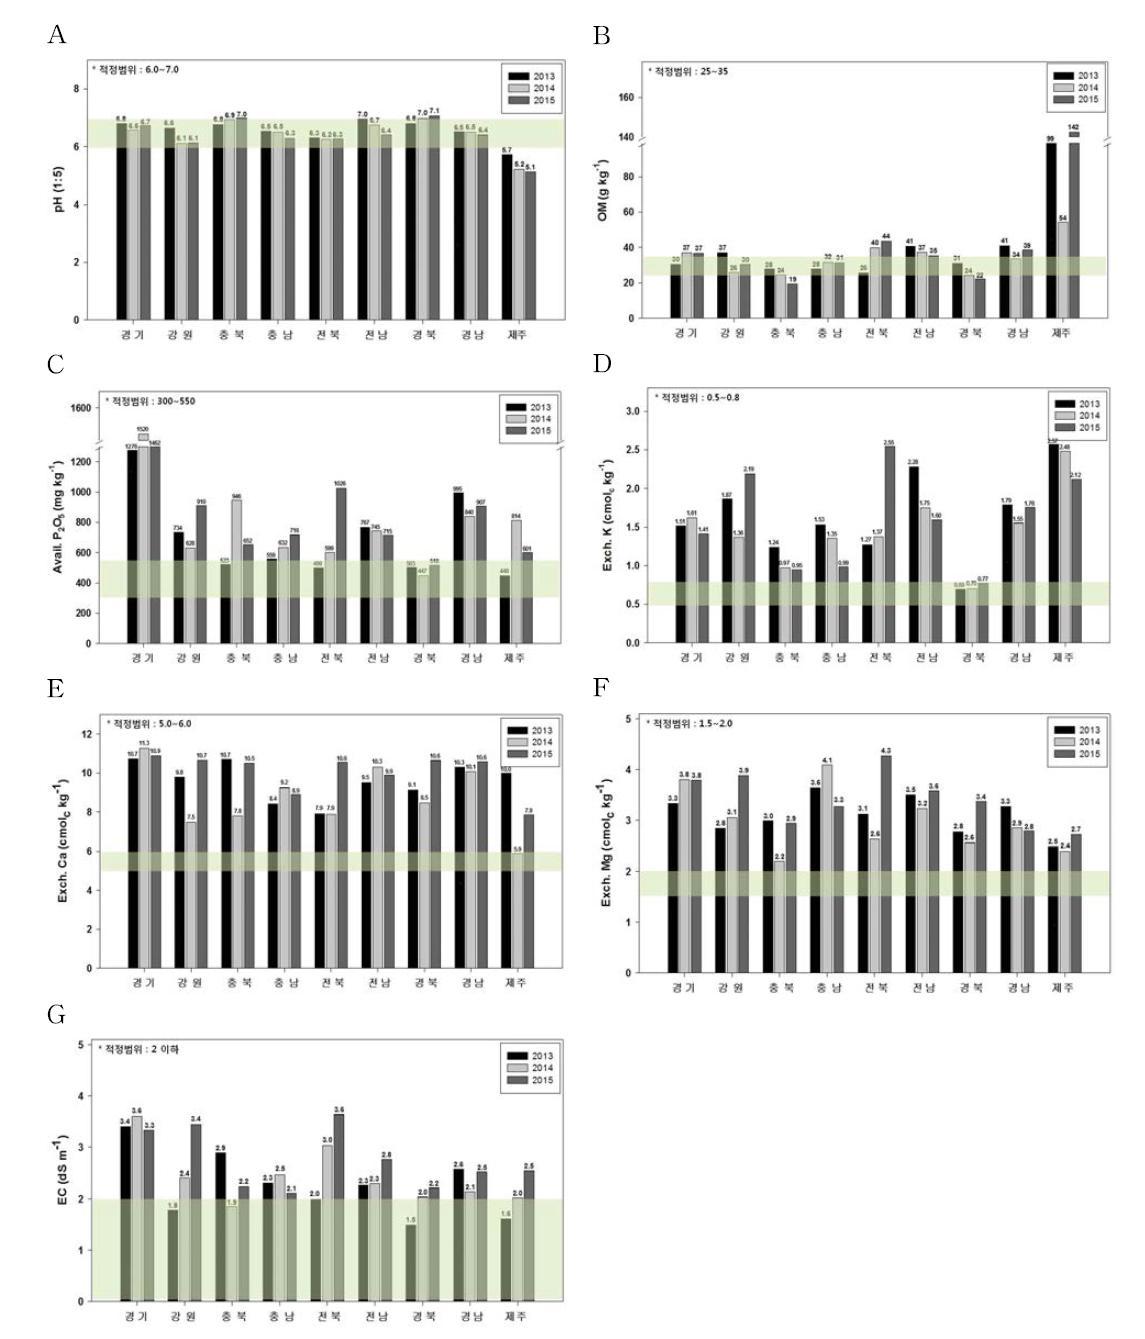 시설재배지토양 년도별 도별 토양화학성